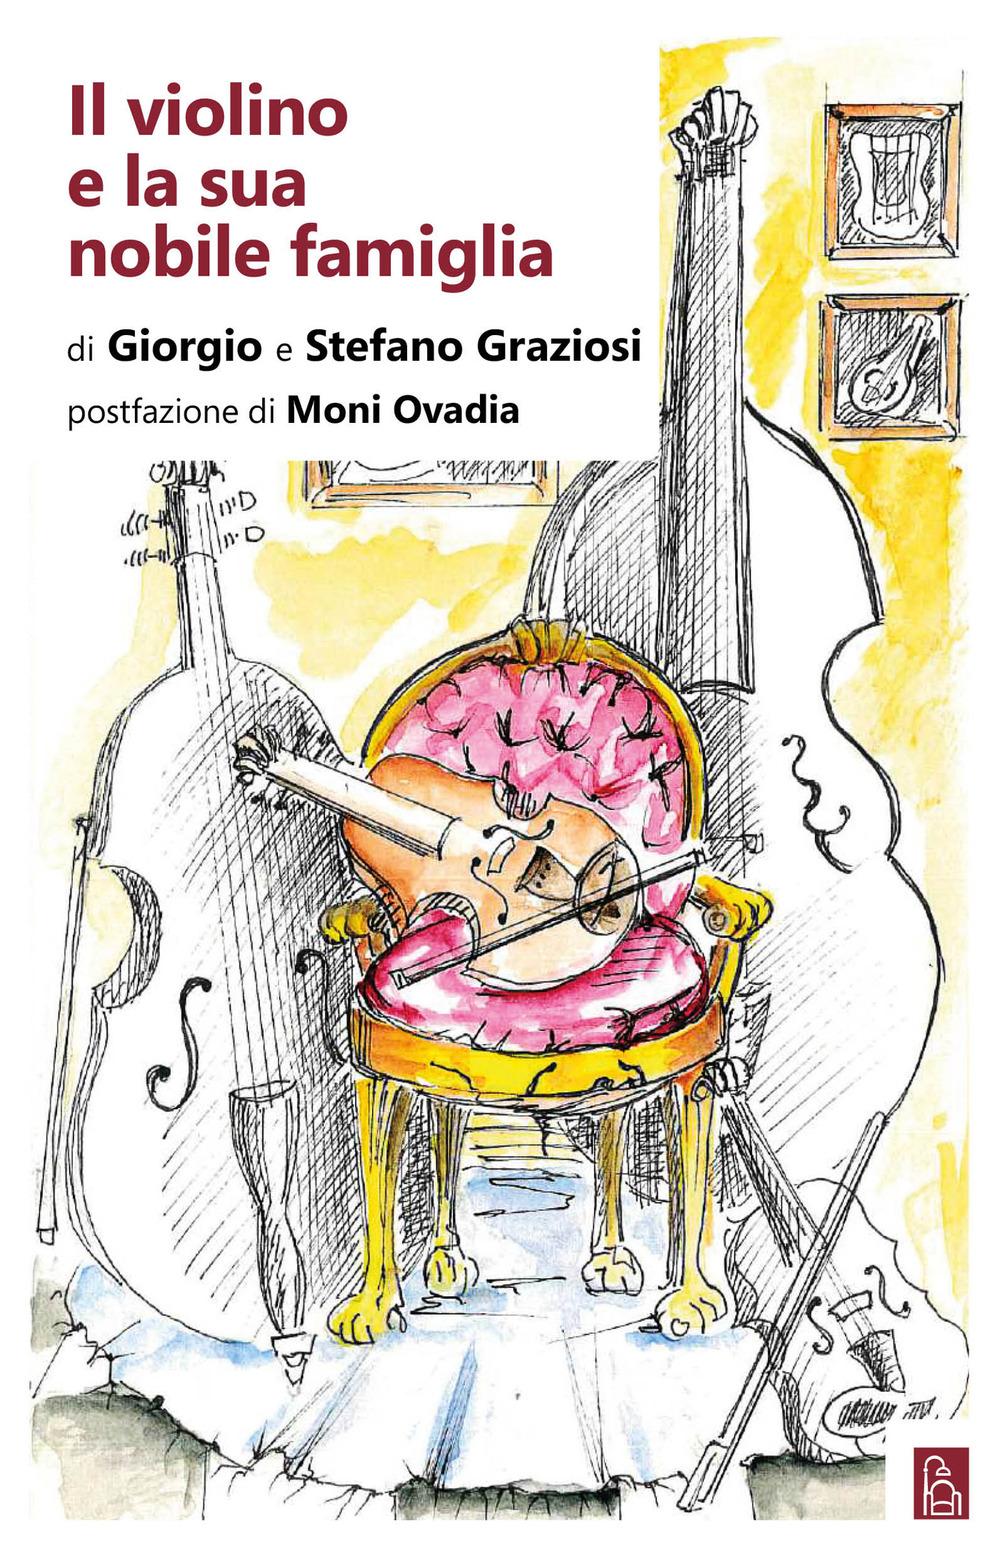 Il violino e la sua nobile famiglia